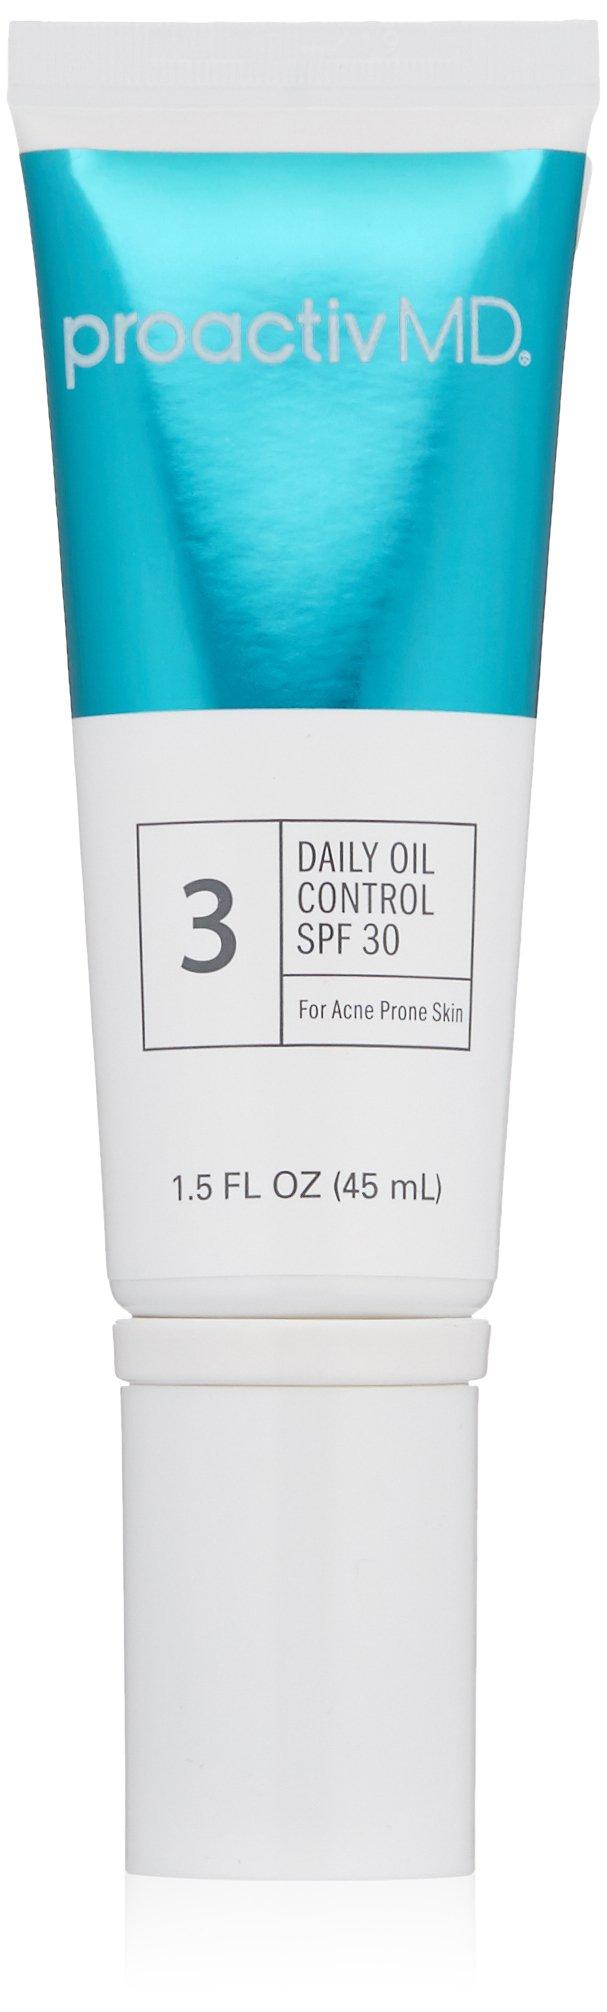 ProactivMD Daily Oil Control SPF 30, 1.5 Ounce